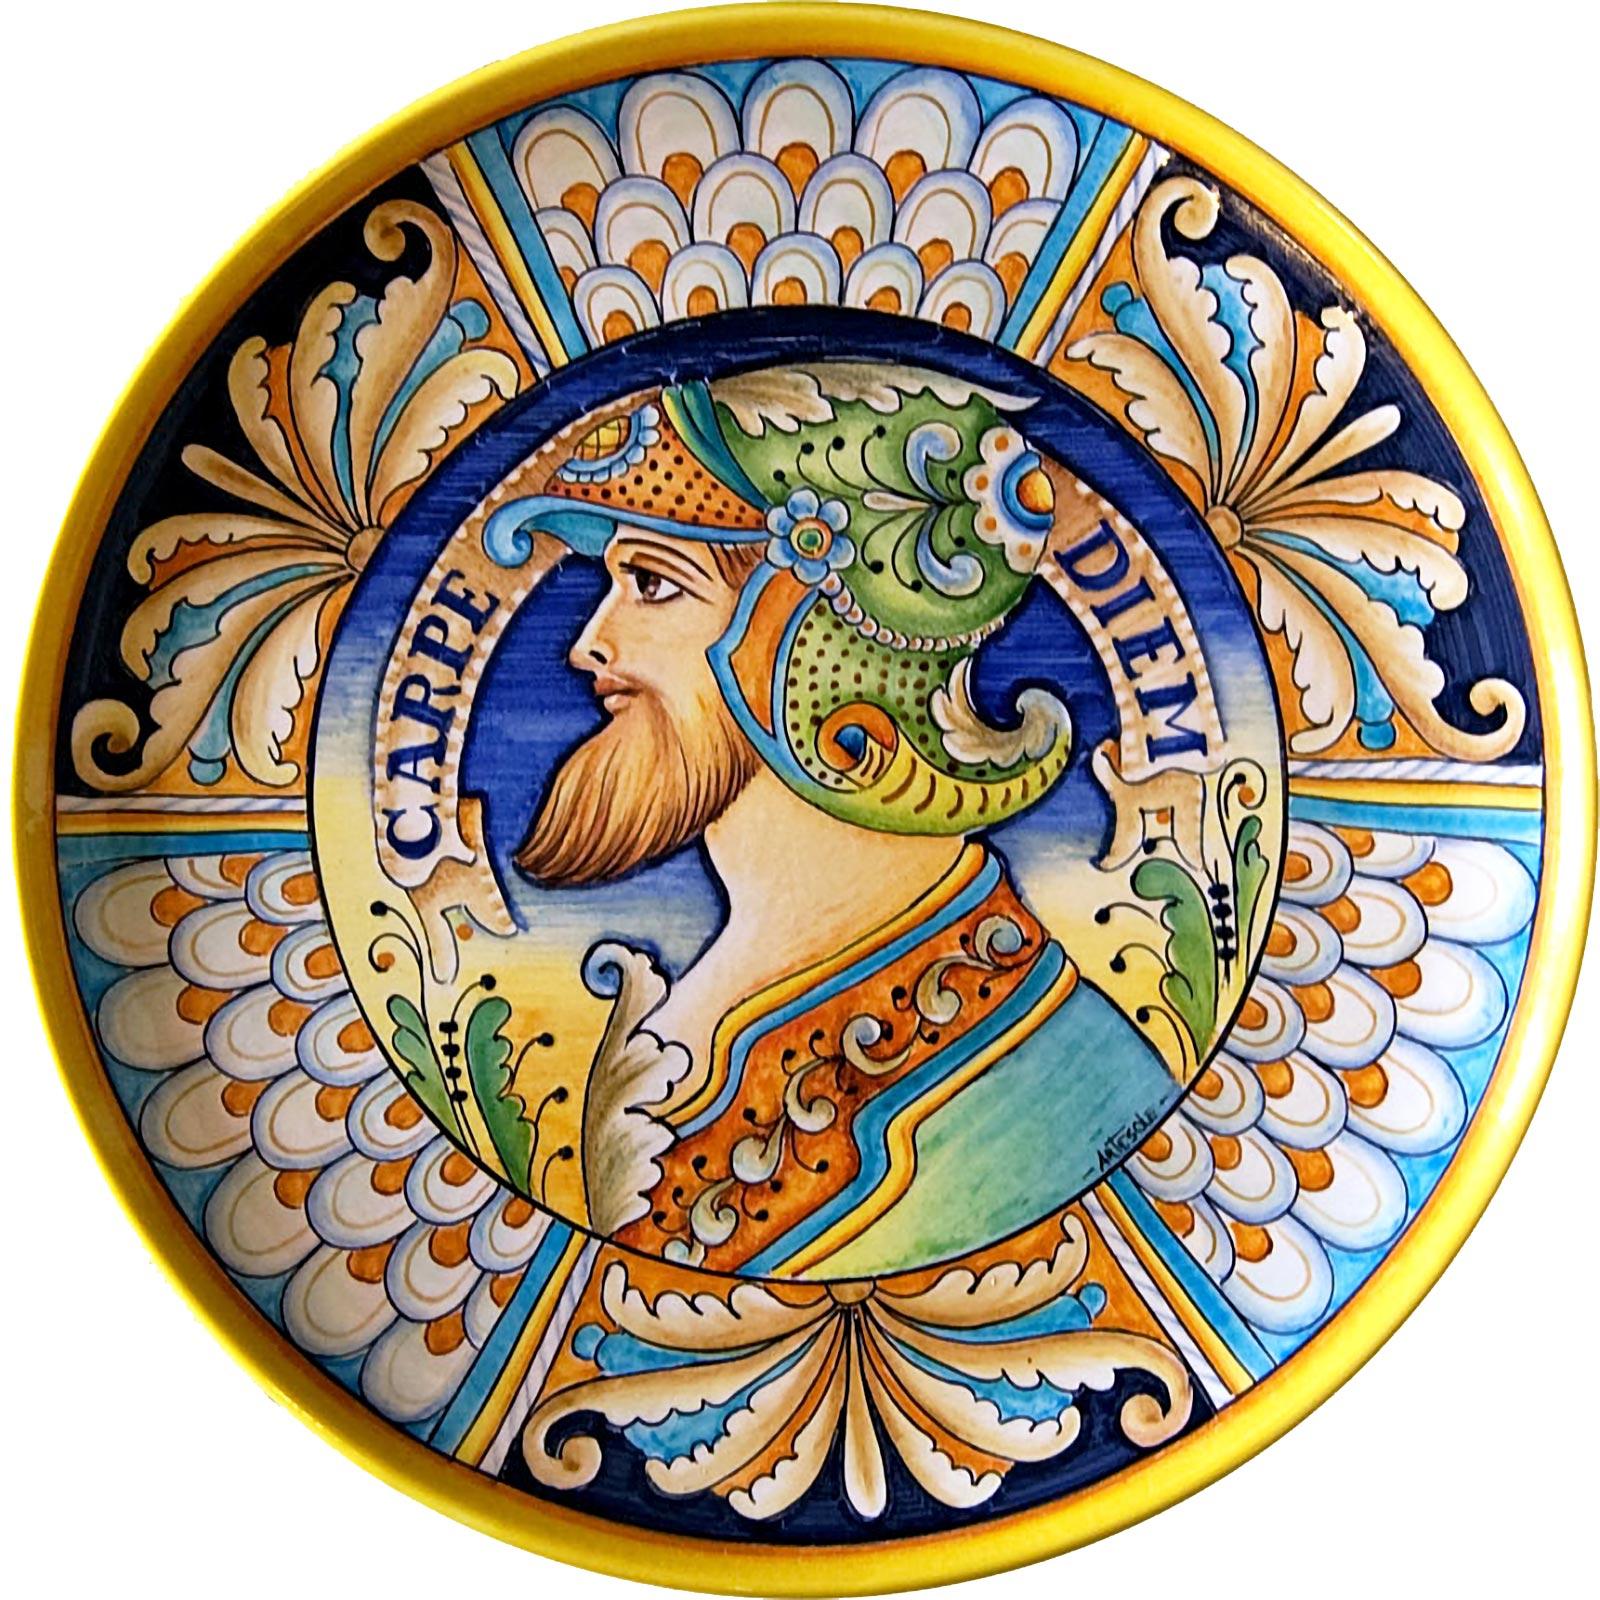 Come Appendere Piatti In Ceramica piatto da appendere in ceramica decorata a mano con decoro